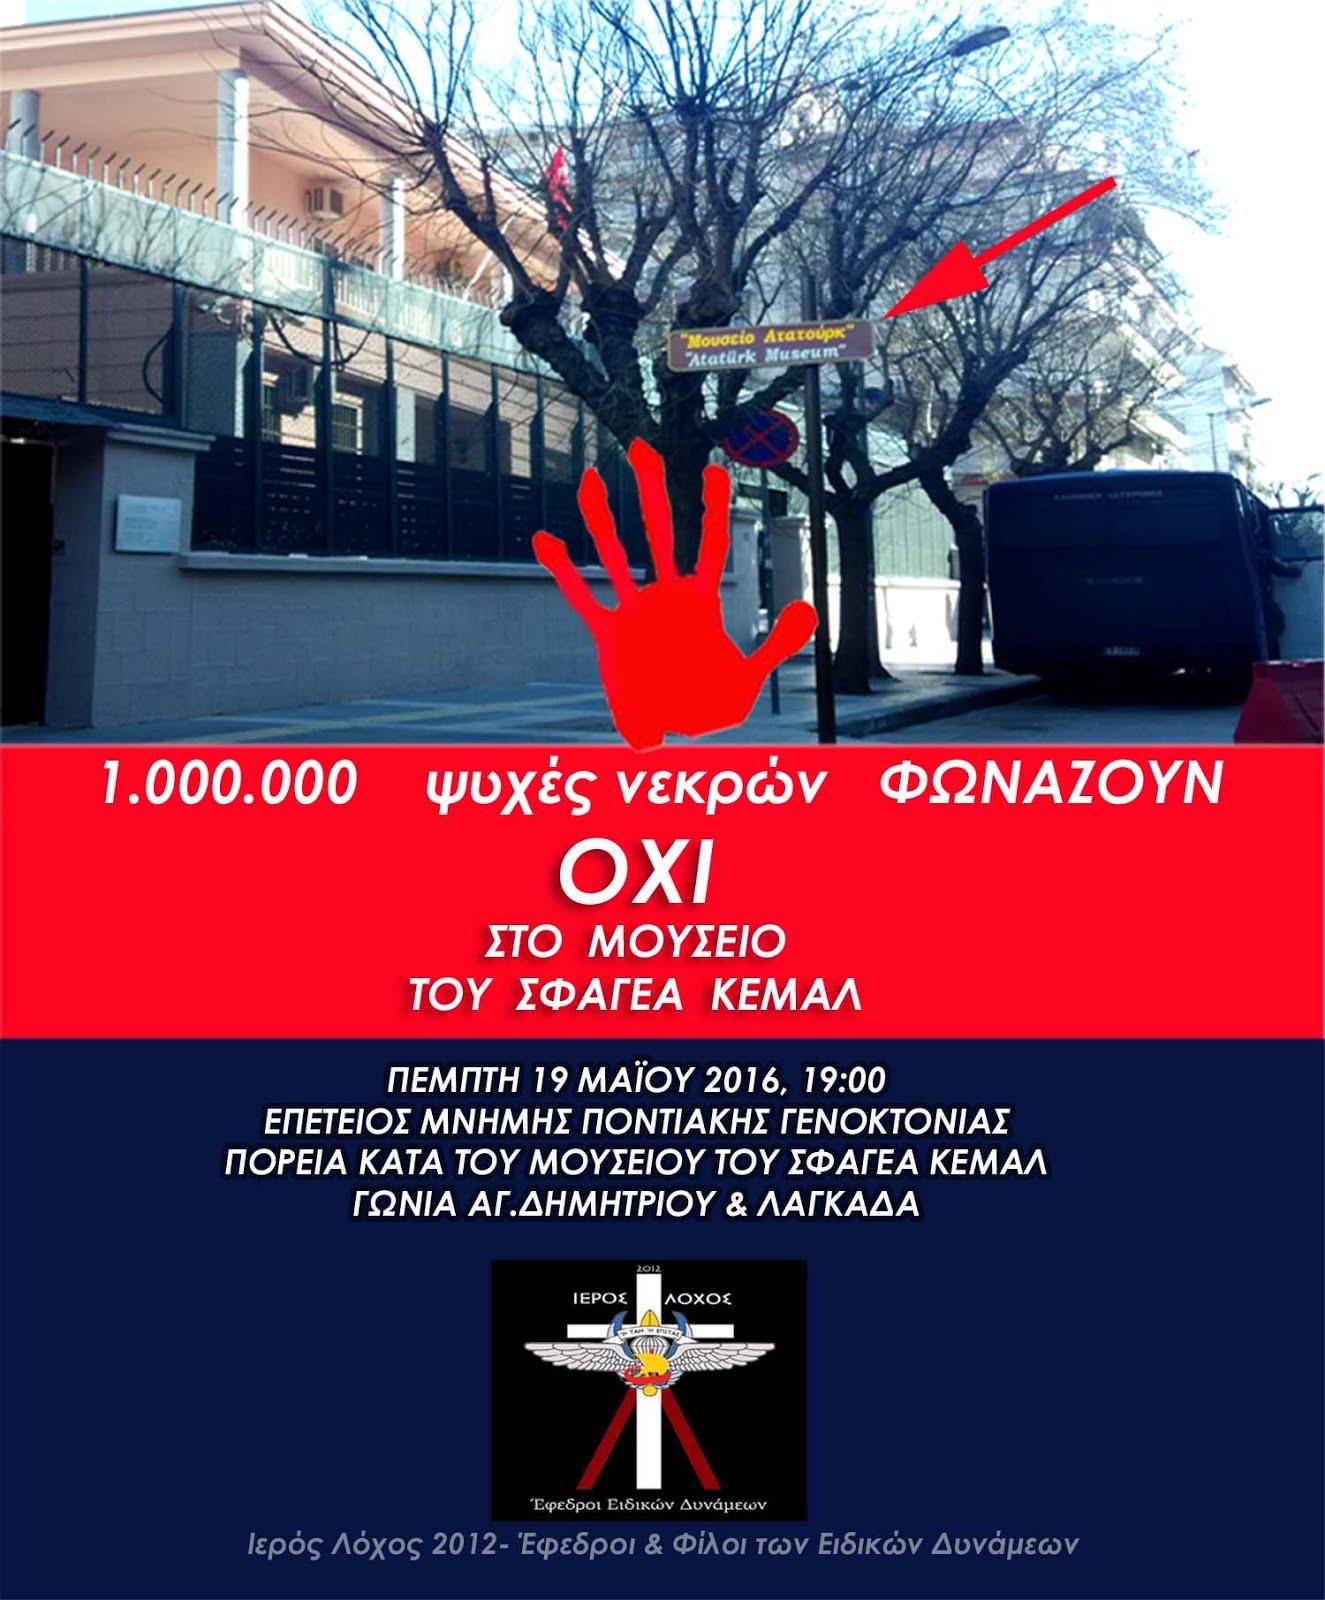 ΑΓΩΝΙΣΤΙΚΗ ΠΟΡΕΙΑ την Πέμπτη 19/5/2016, στην Θεσσαλονίκη